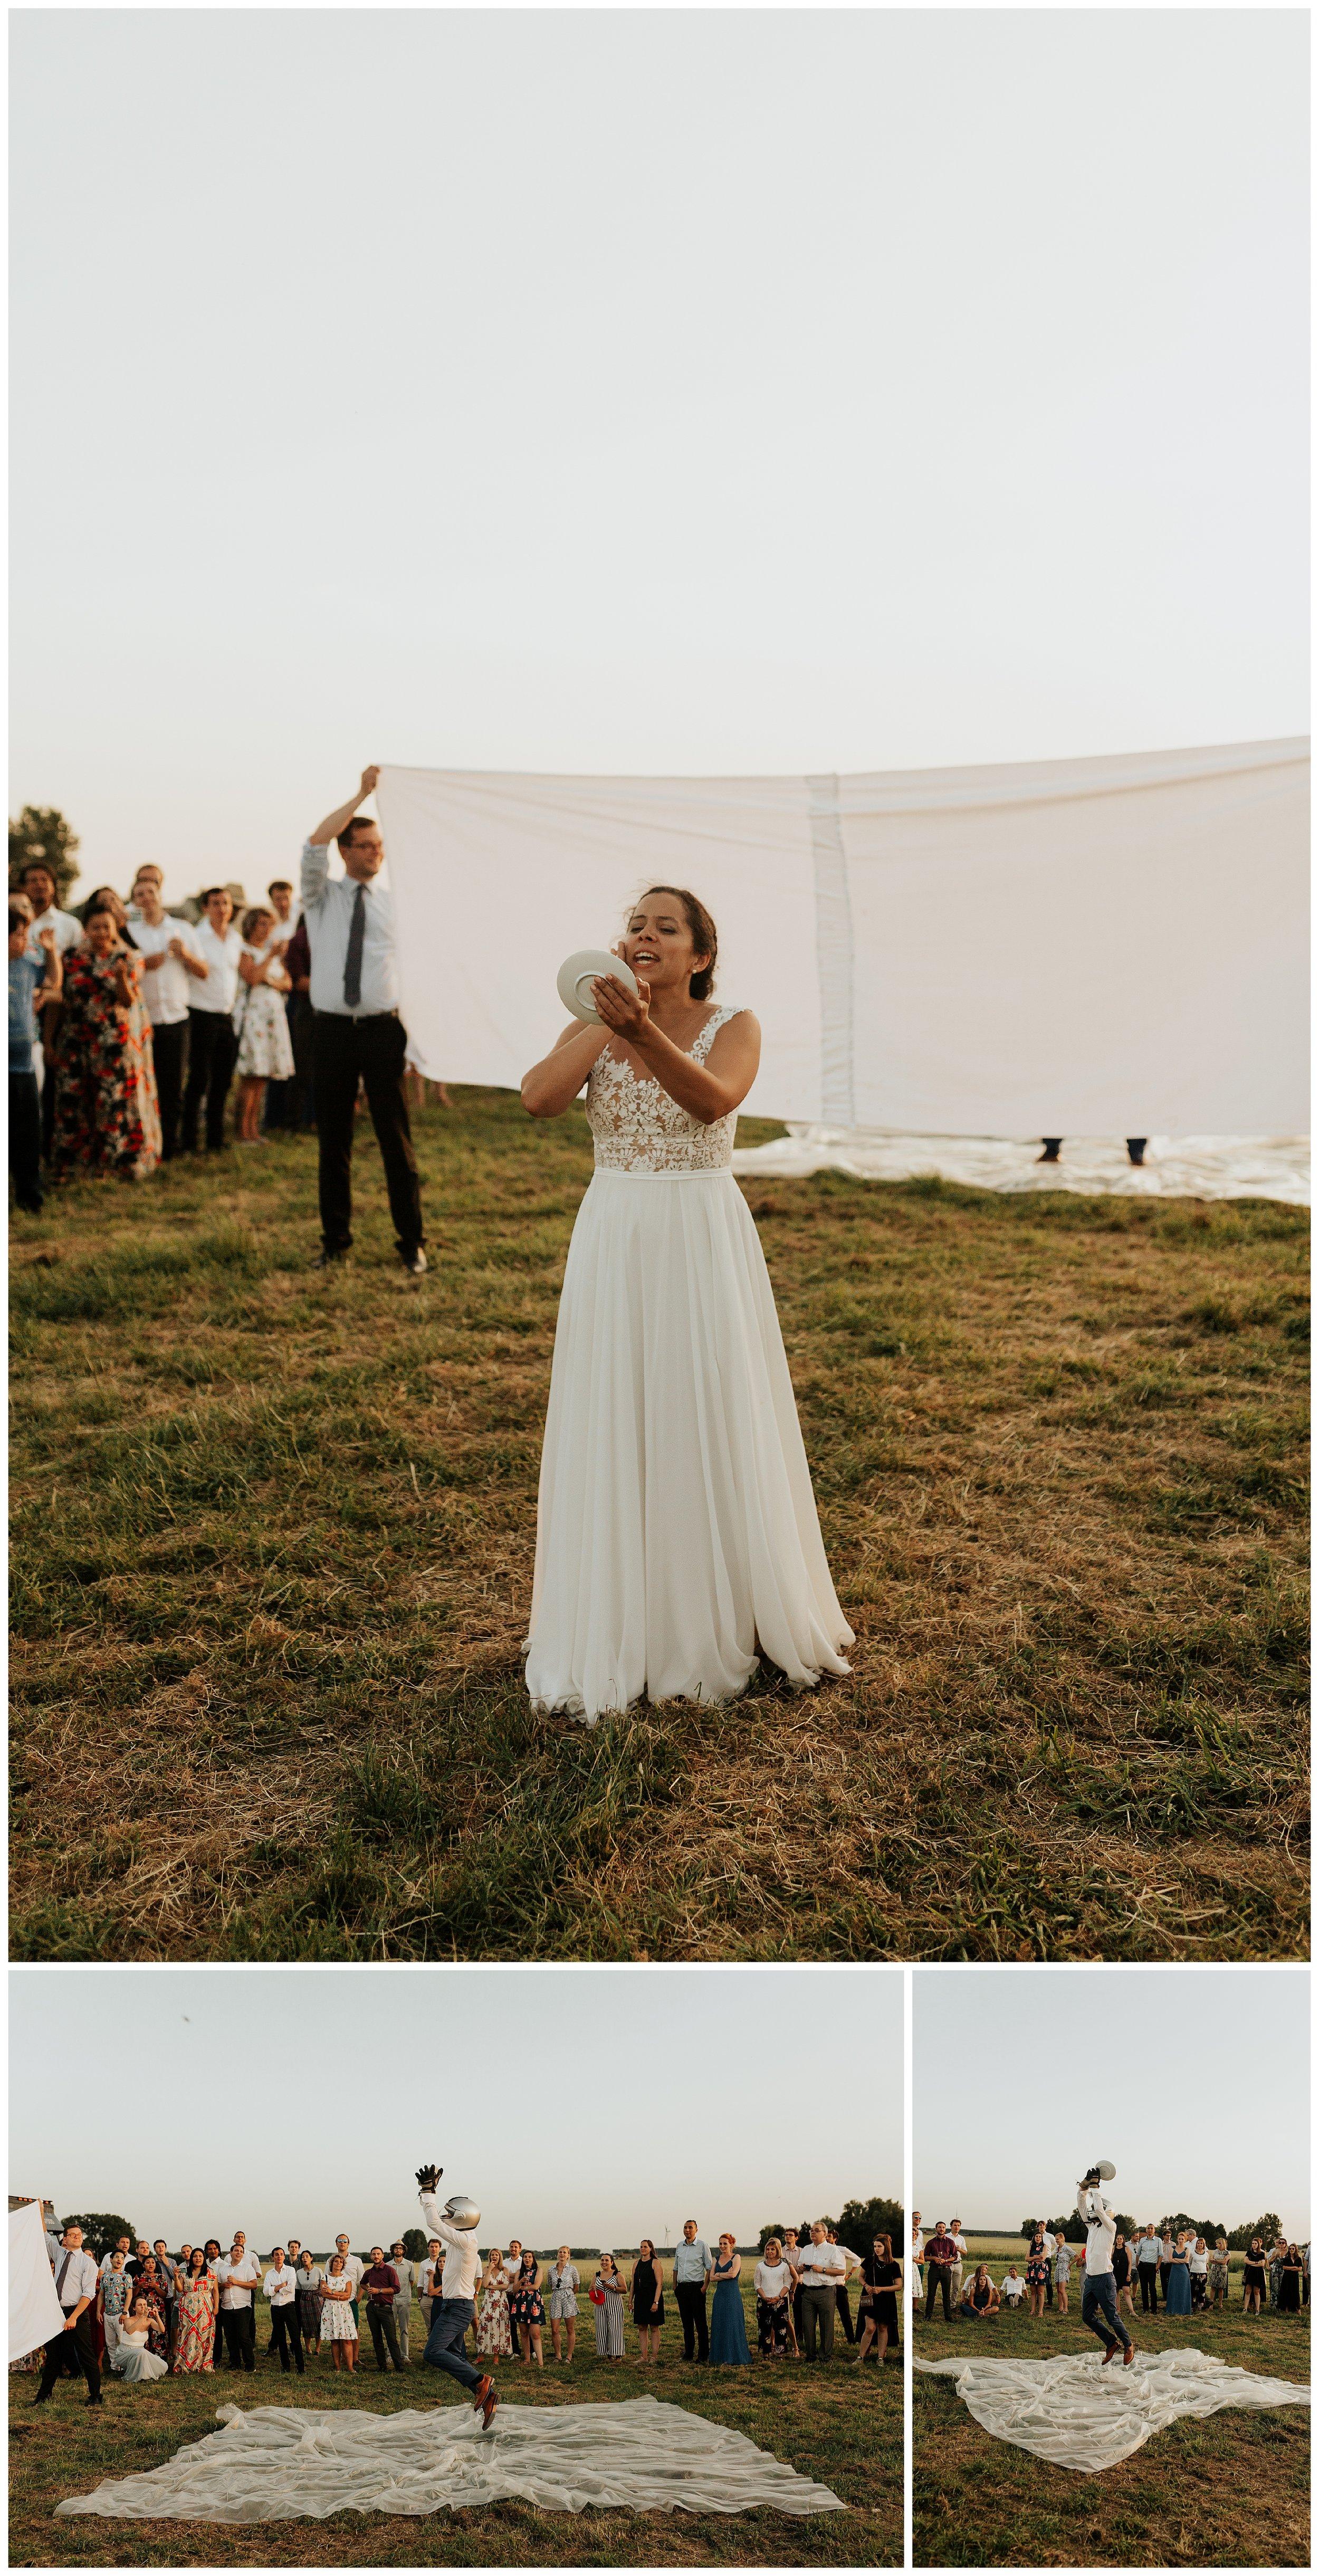 huwelijksfotograaf-huwelijksfotografie-knokke-heist-lisa-helsen-photography-trouwfotograaf-trouwfoto-sabine-pieter_0038.jpg